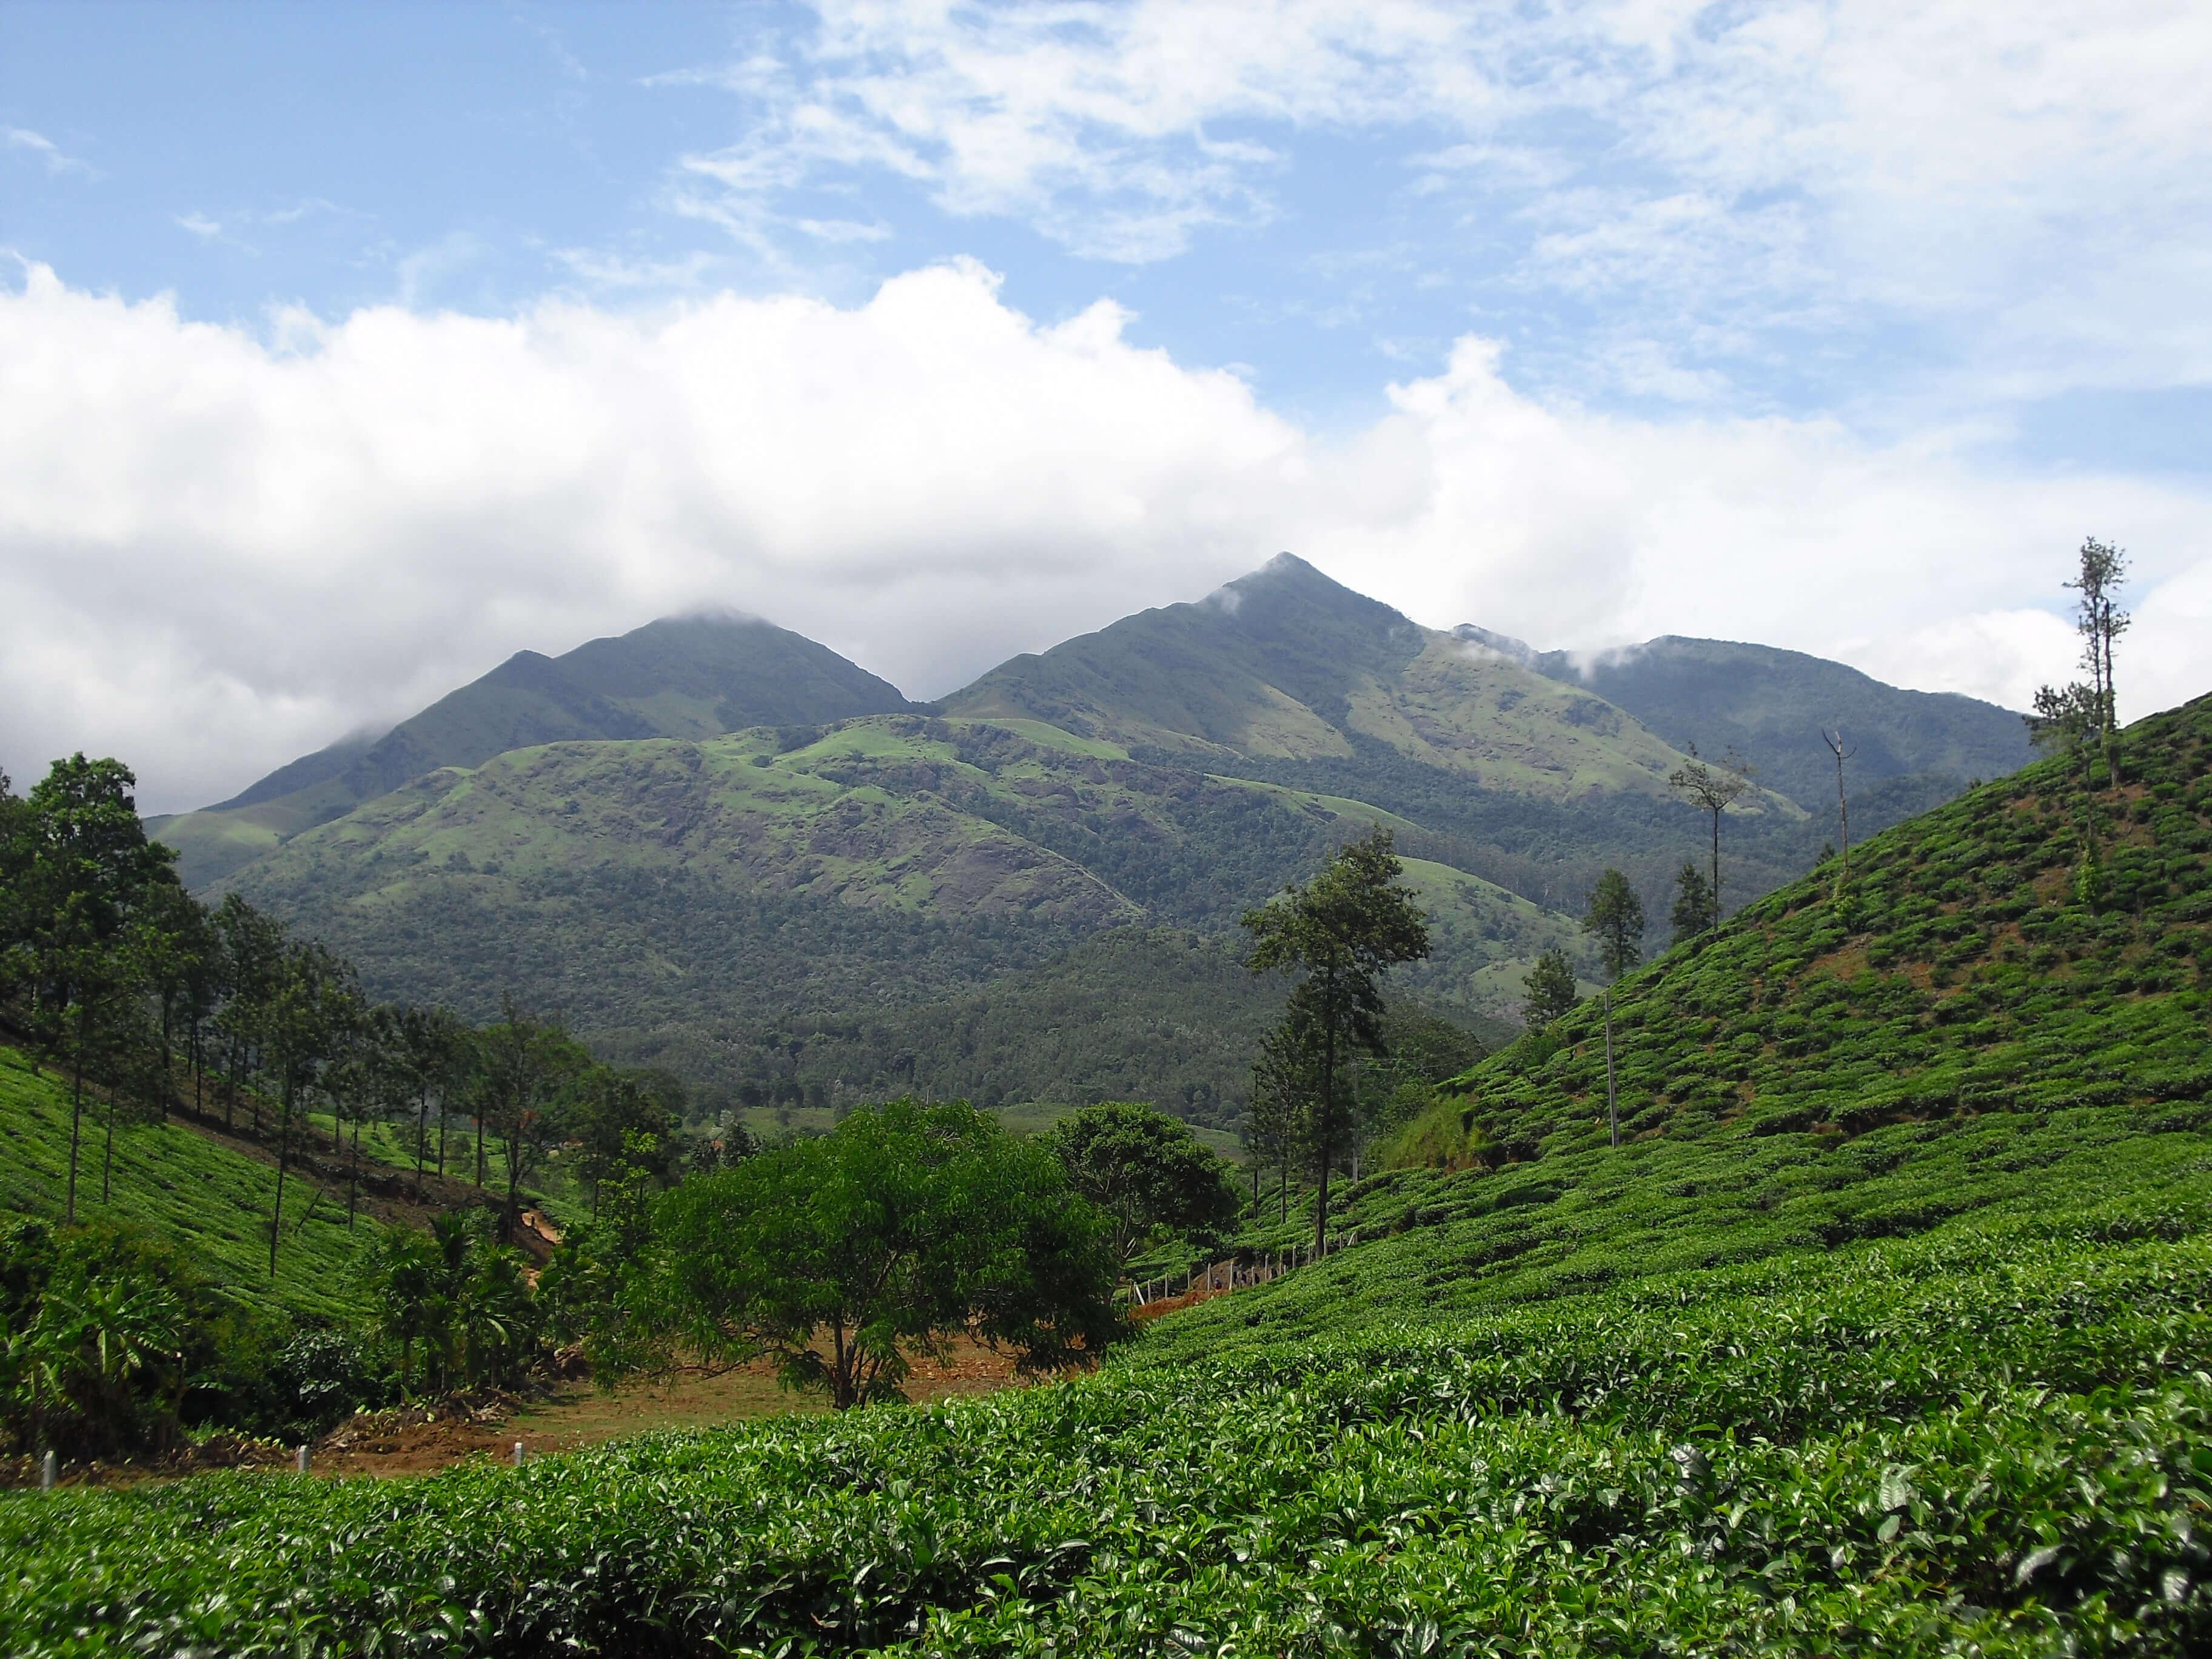 lush green mountains of Wayanad